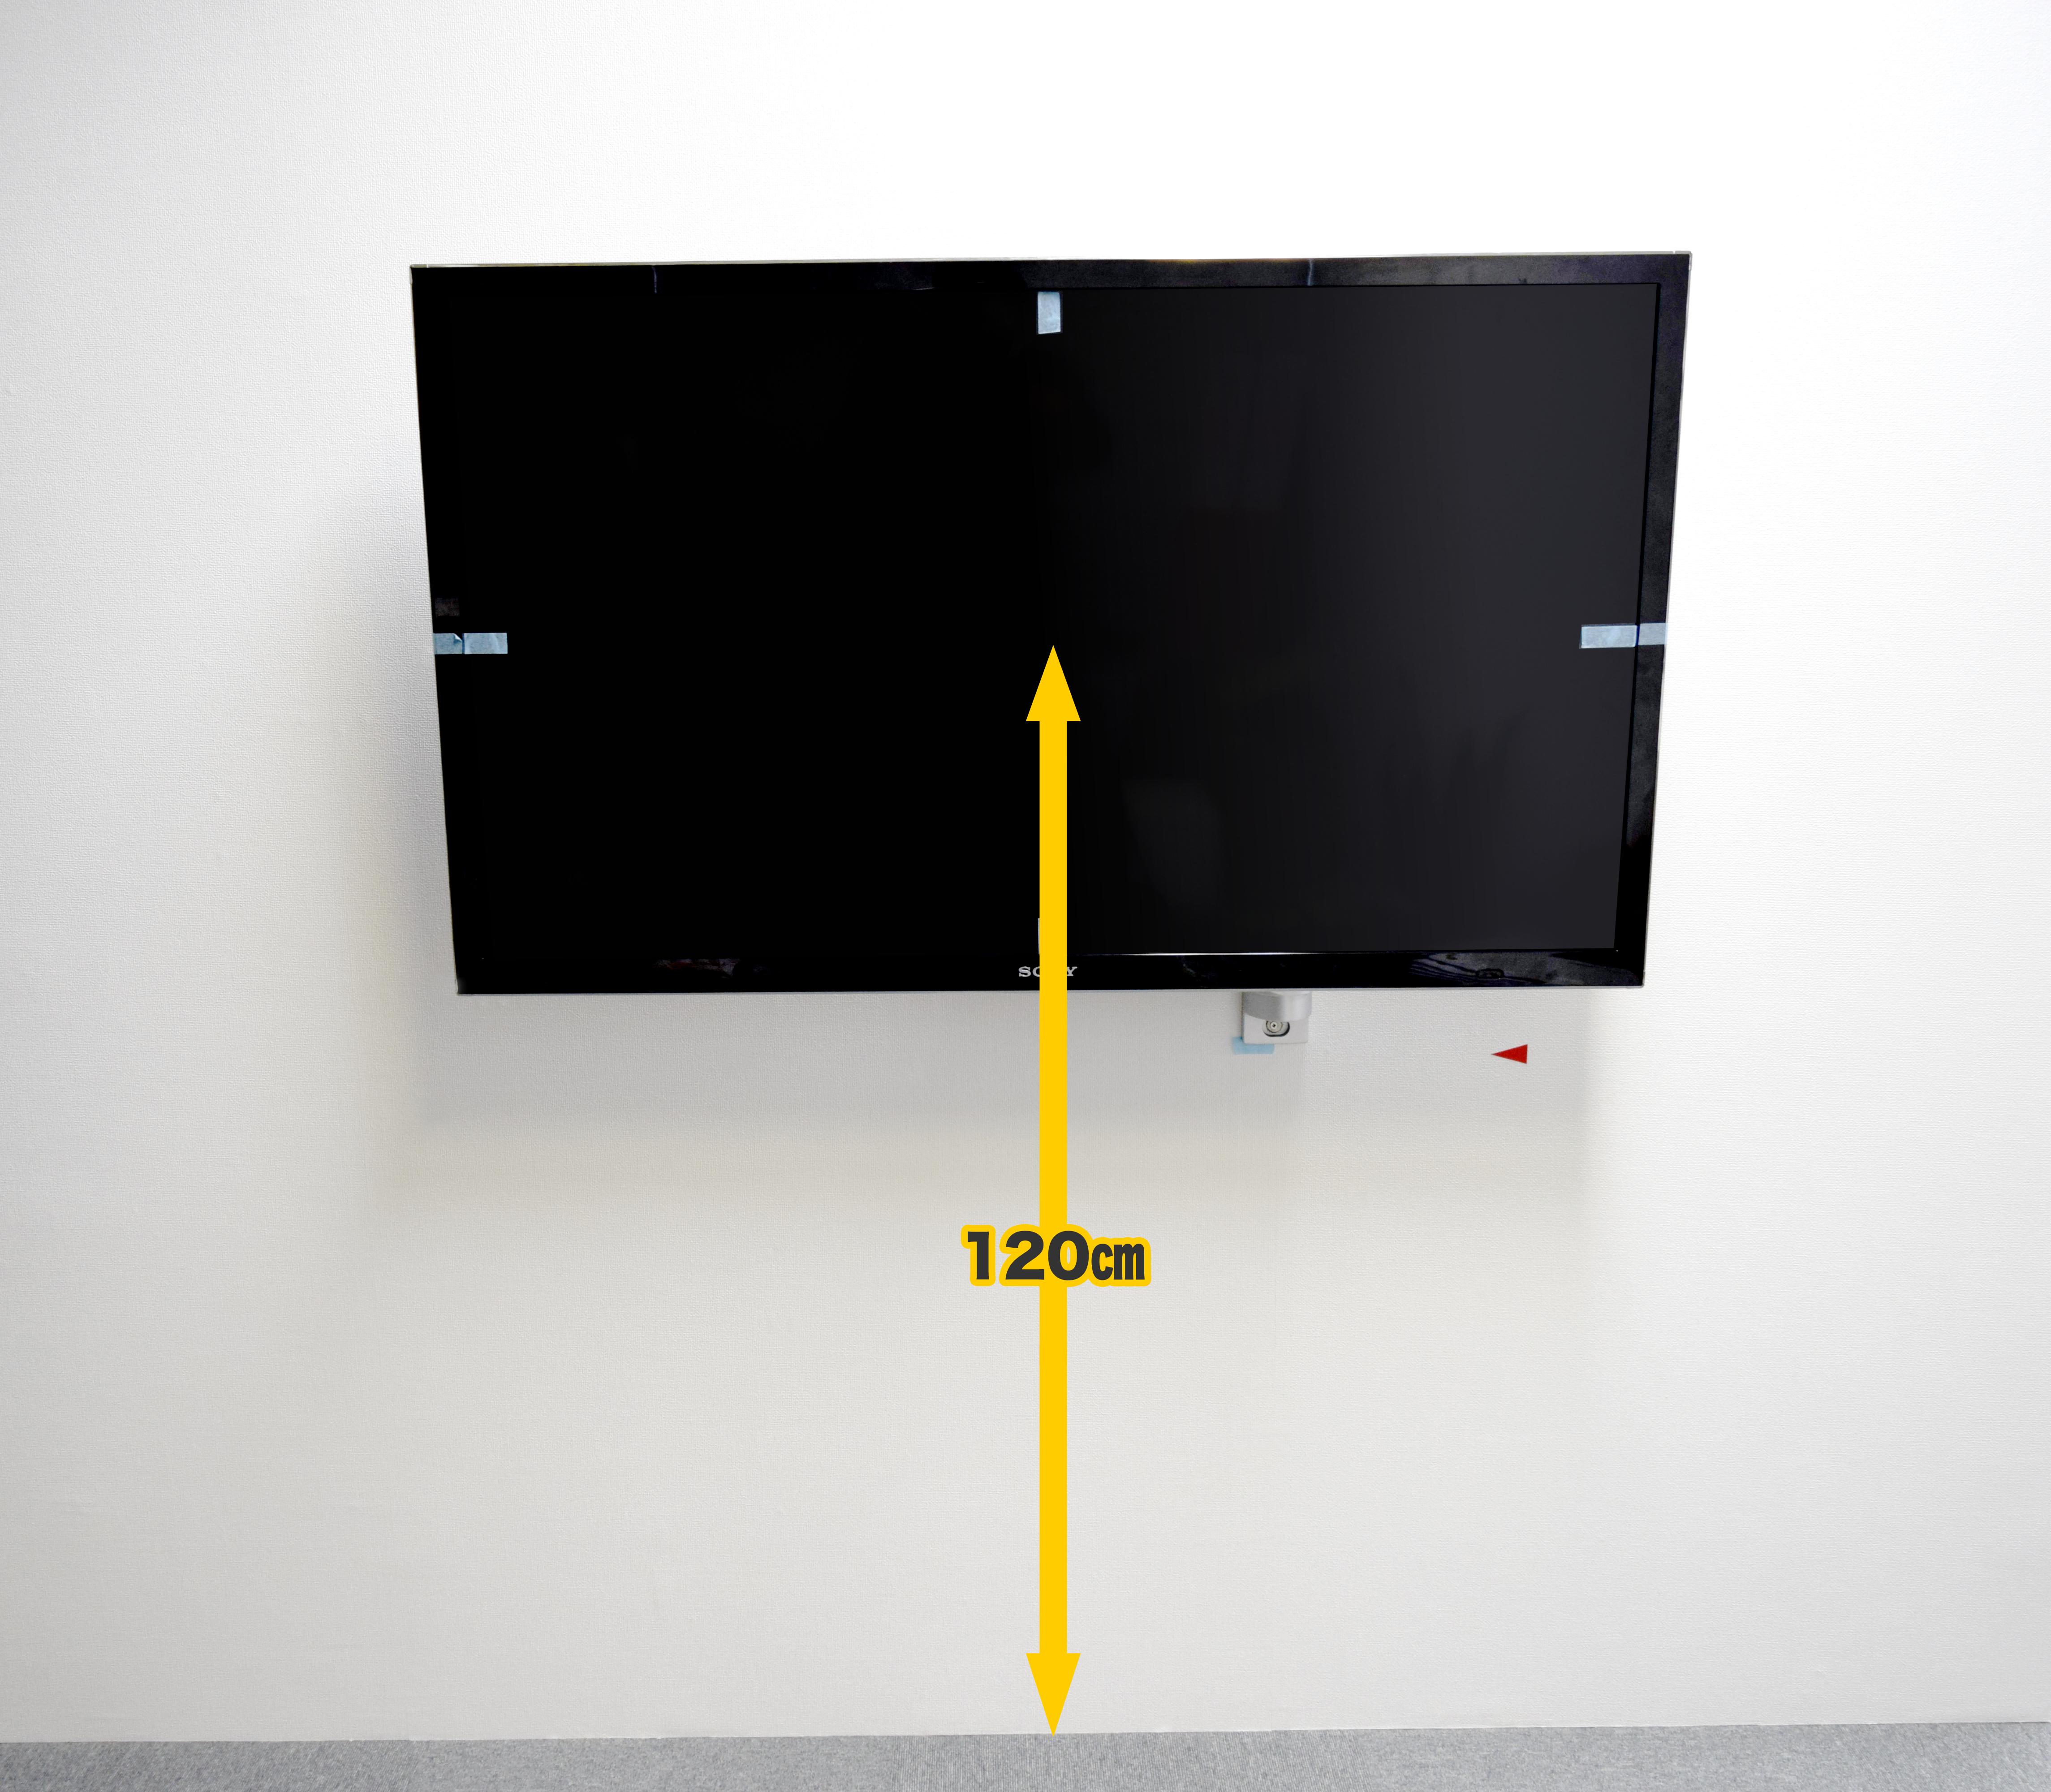 床からテレビの中心まで120cmの壁掛けテレビ